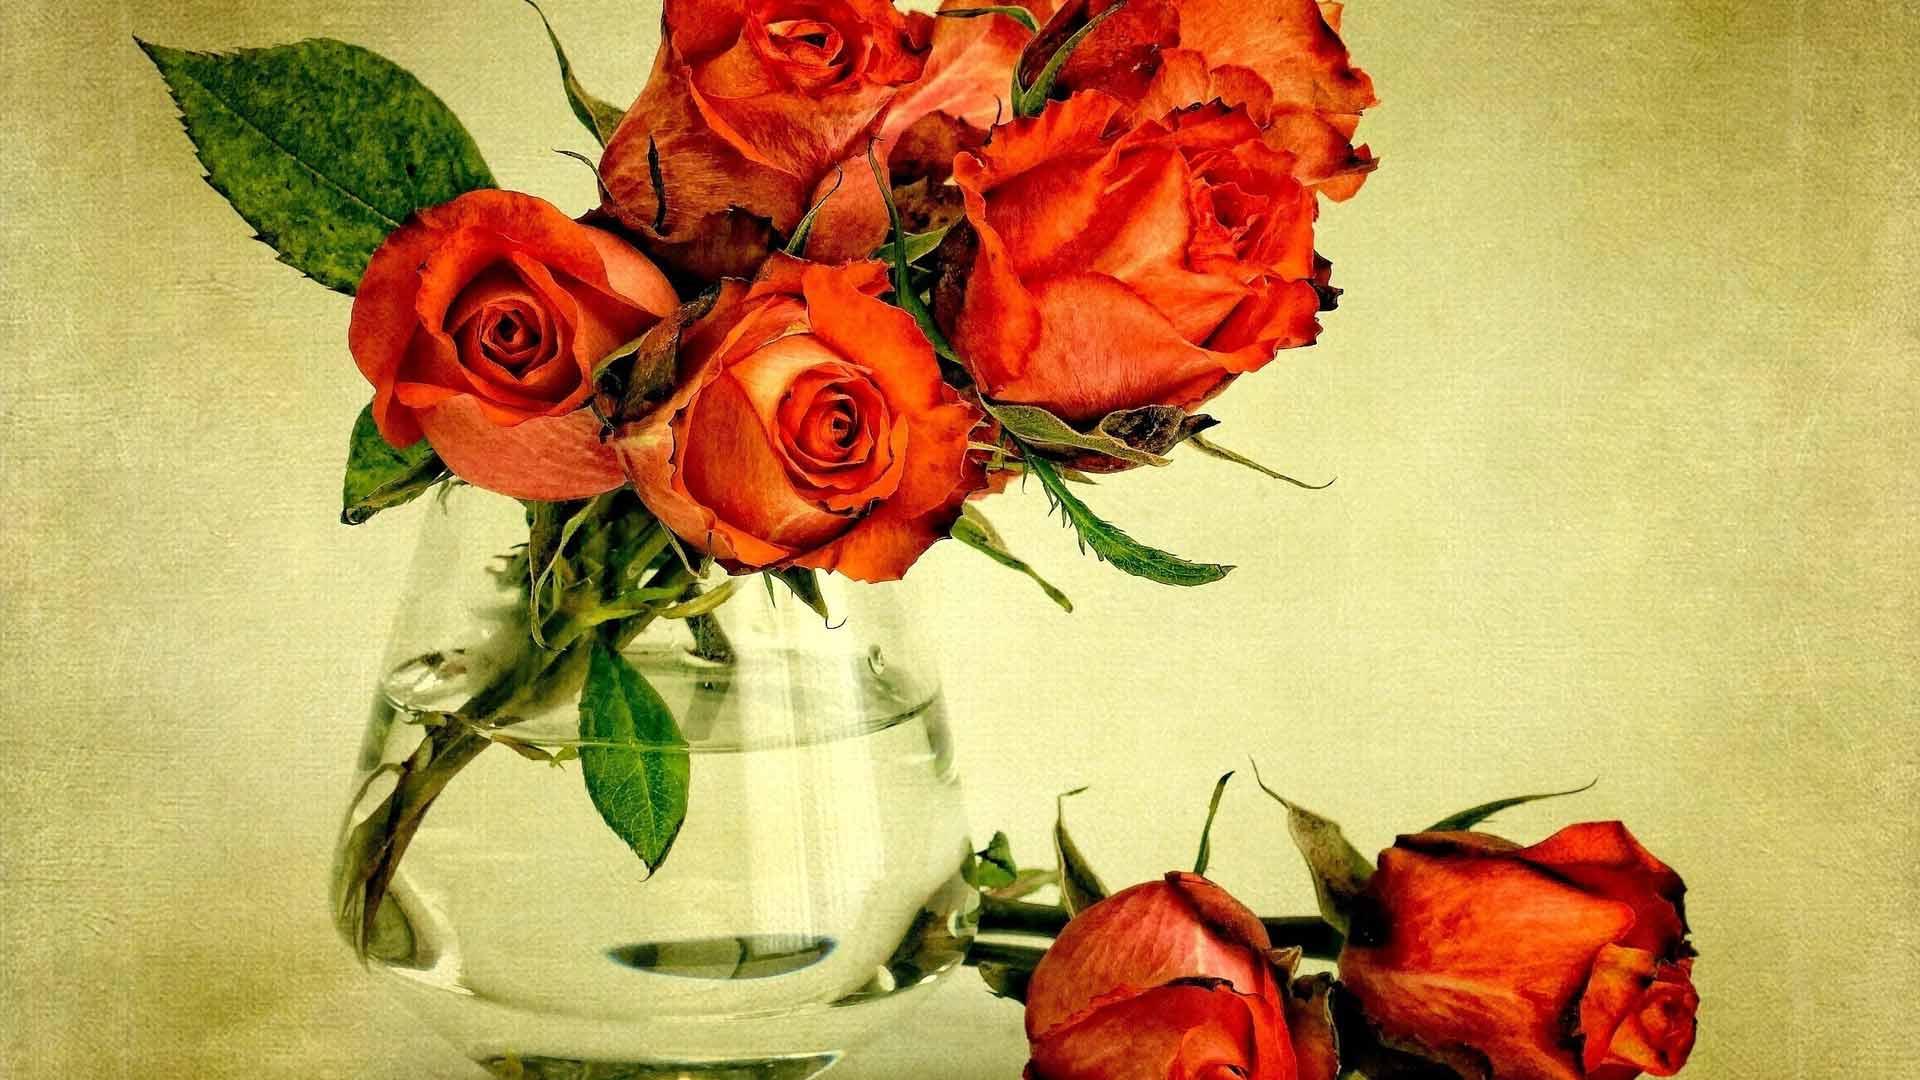 Фото цветов букетов роз в вазе